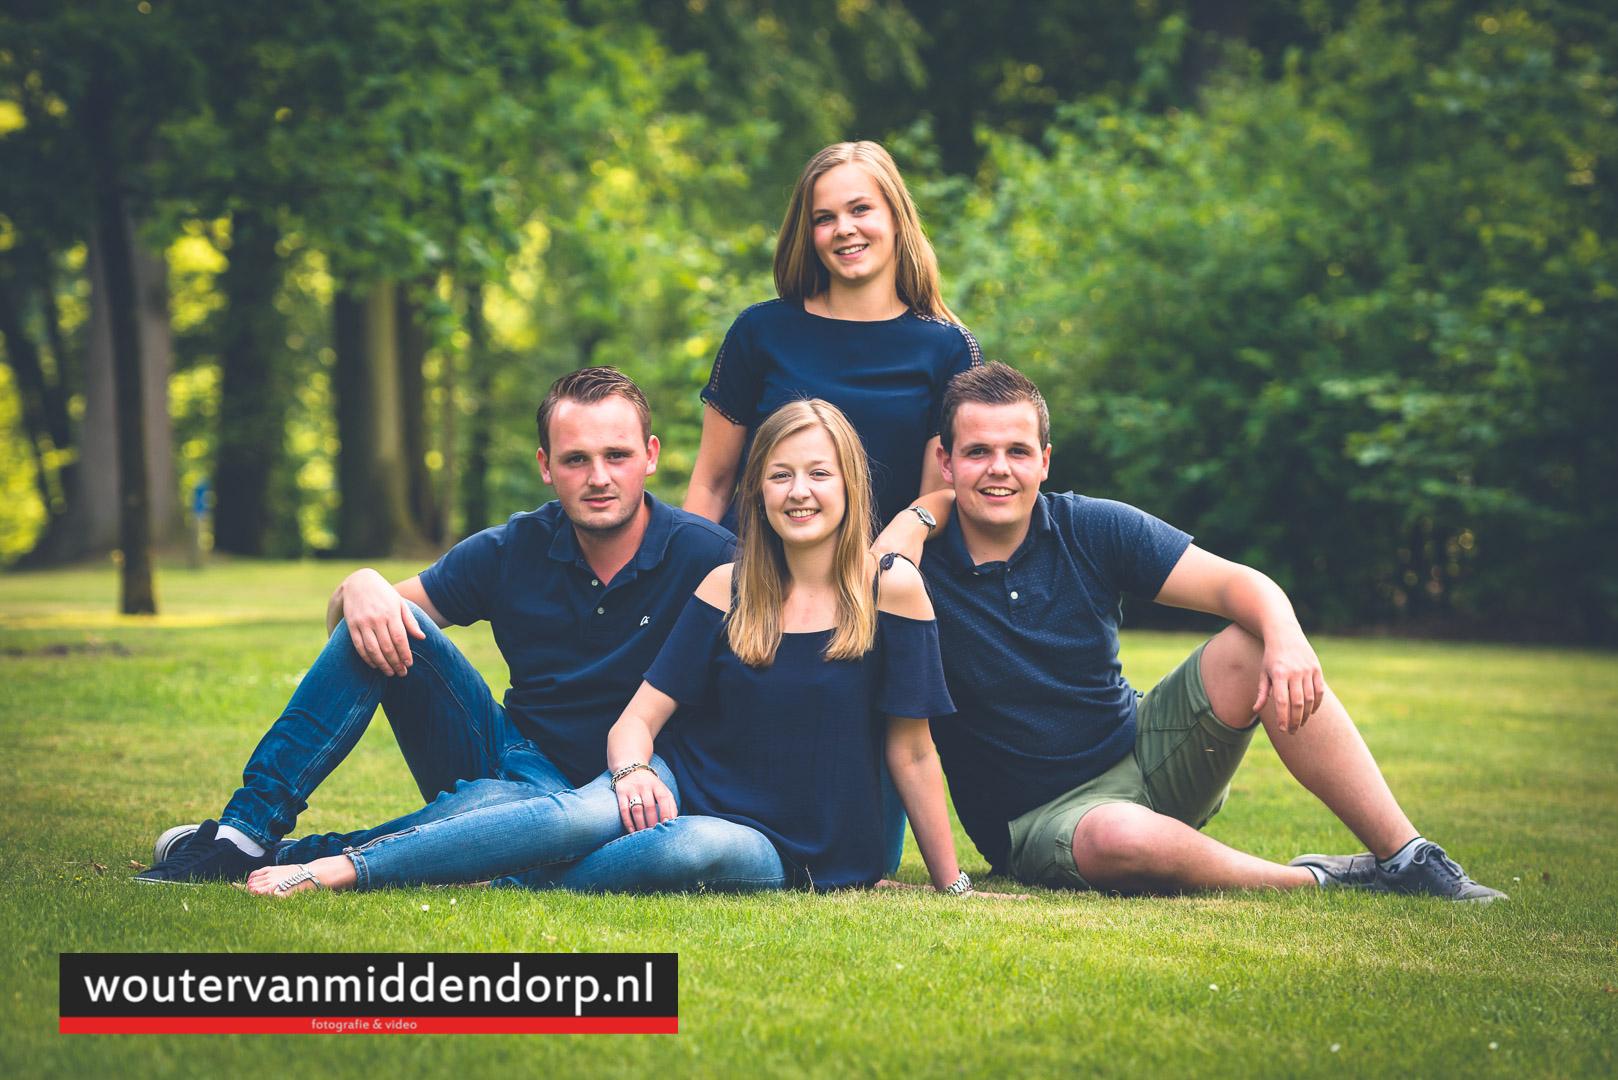 fotografie Wouter van Middendorp Kasteel Staverden-3